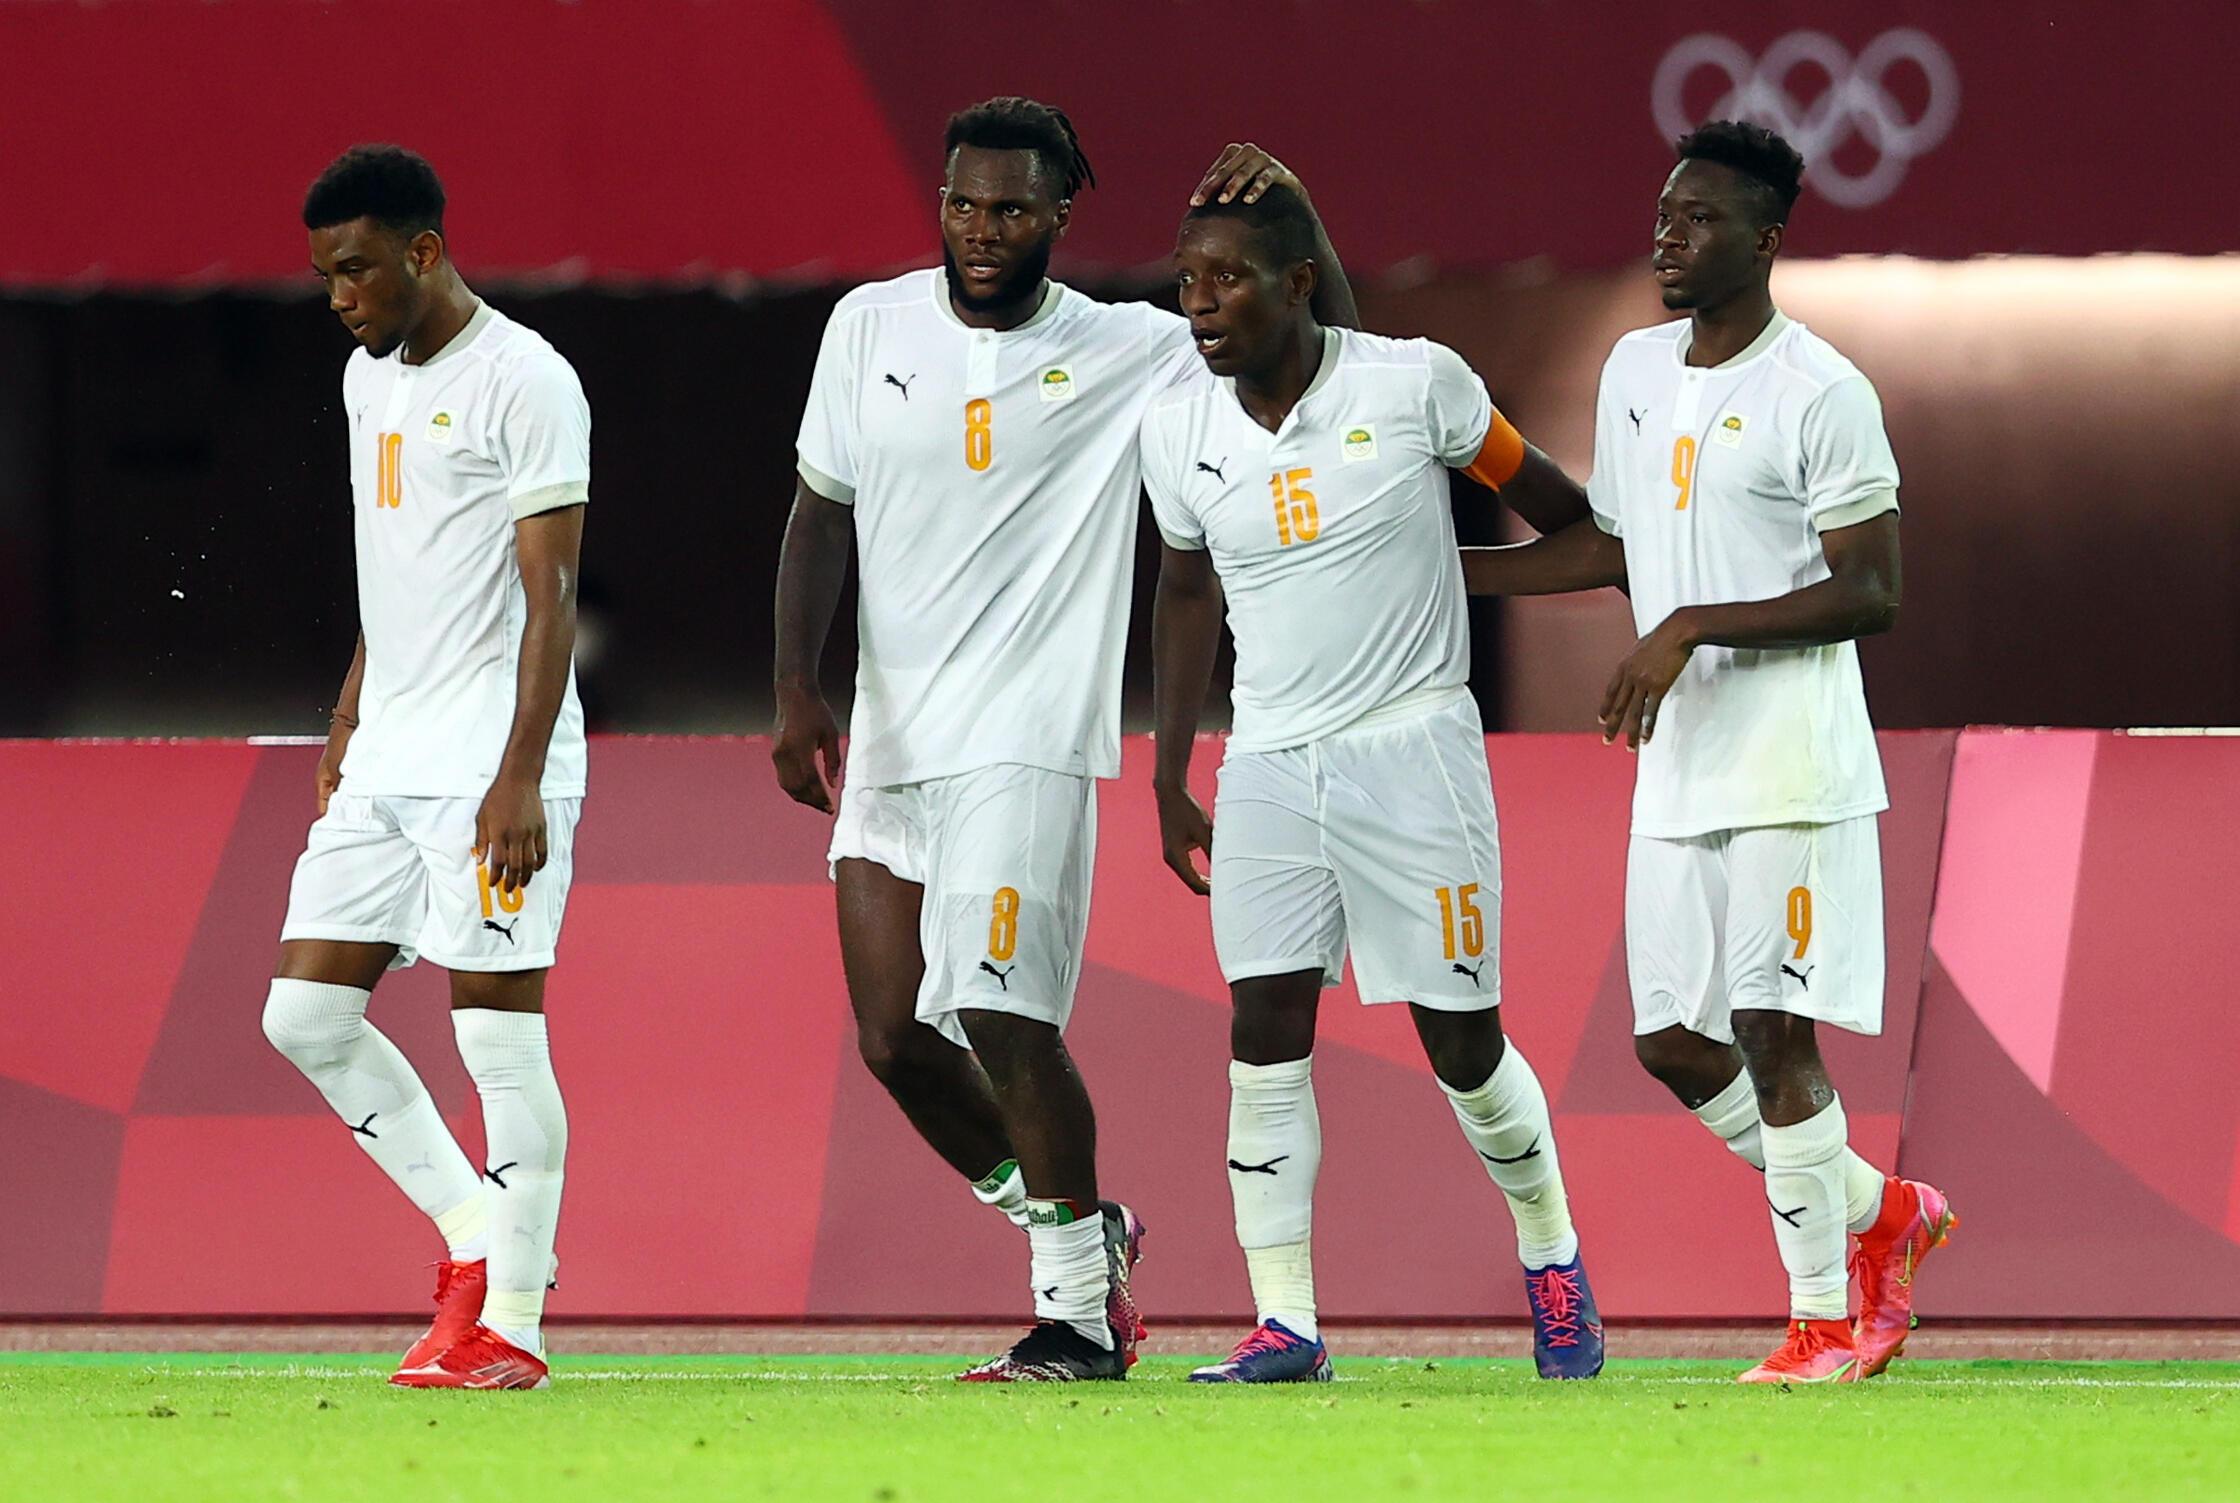 Le footballeur ivoirien Max-Alain Gradel félicité par ses coéquipiers après son but contre l'Espagne, le 31 juillet.